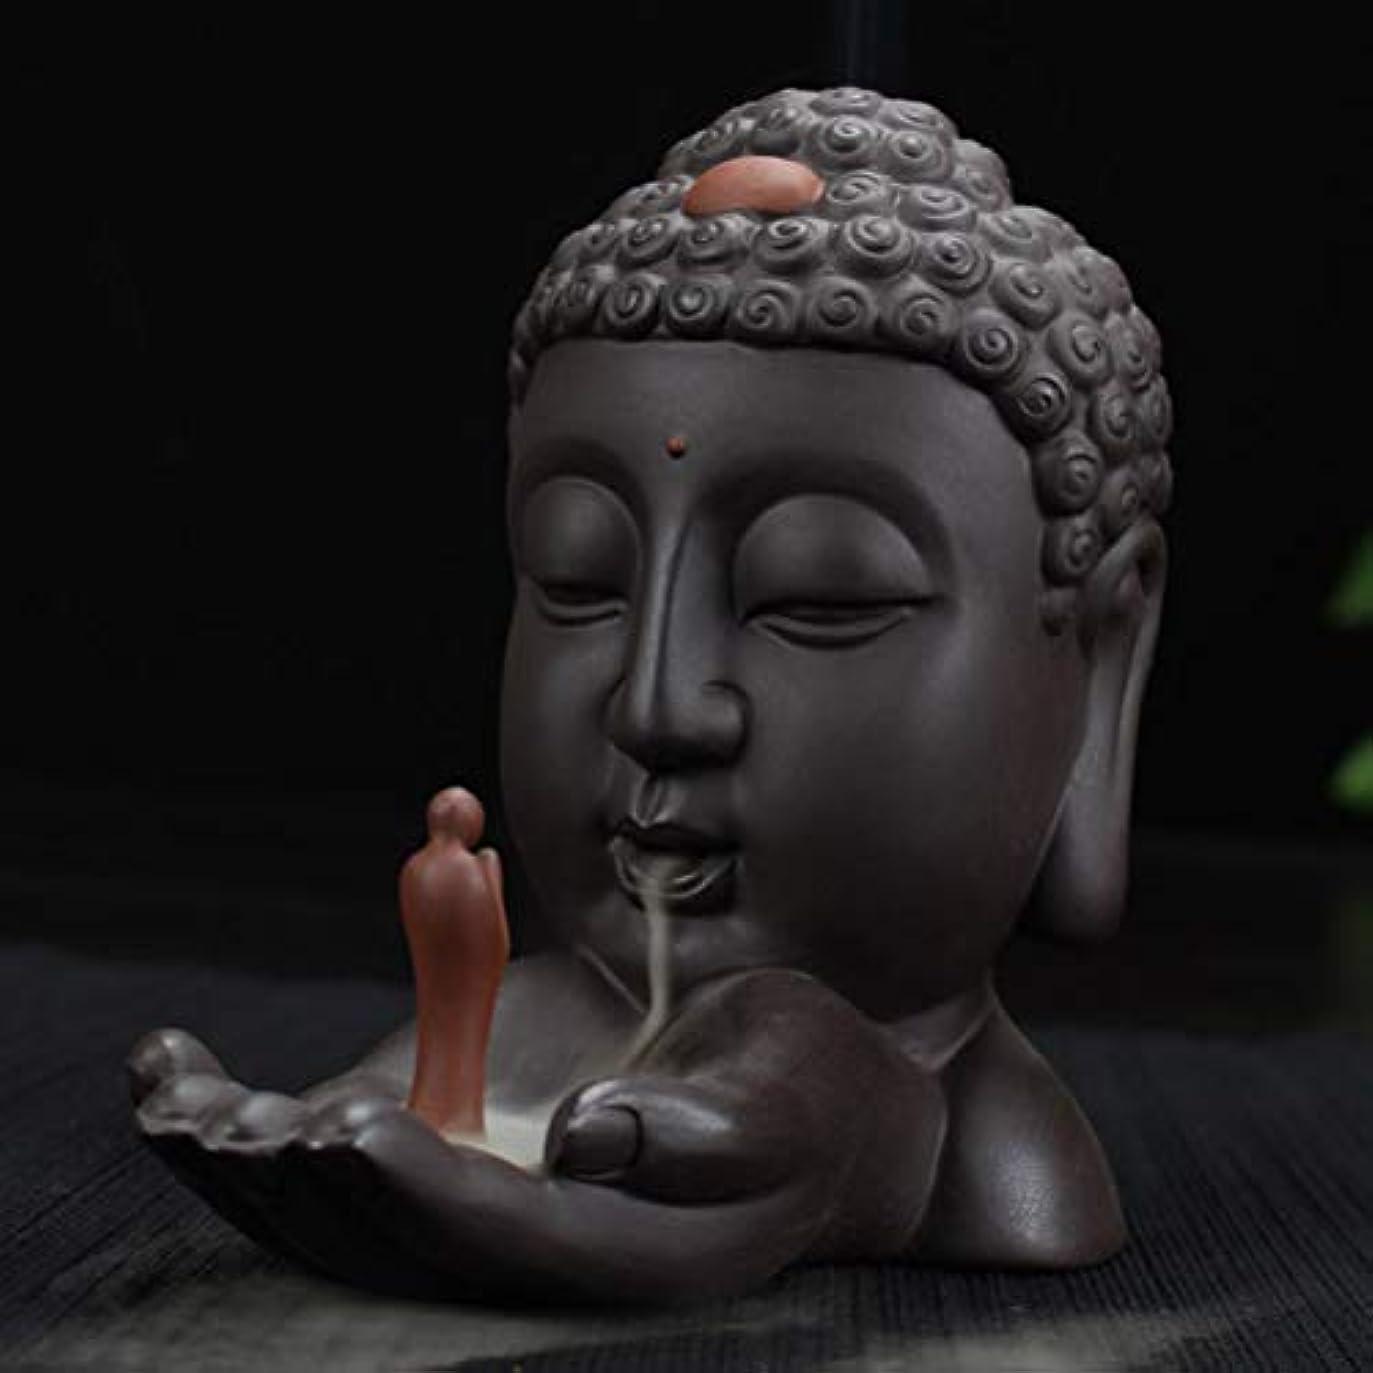 中世の鉛筆黙認する逆流香バーナークリエイティブホームインテリアセラミック仏香ホルダー仏教香炉